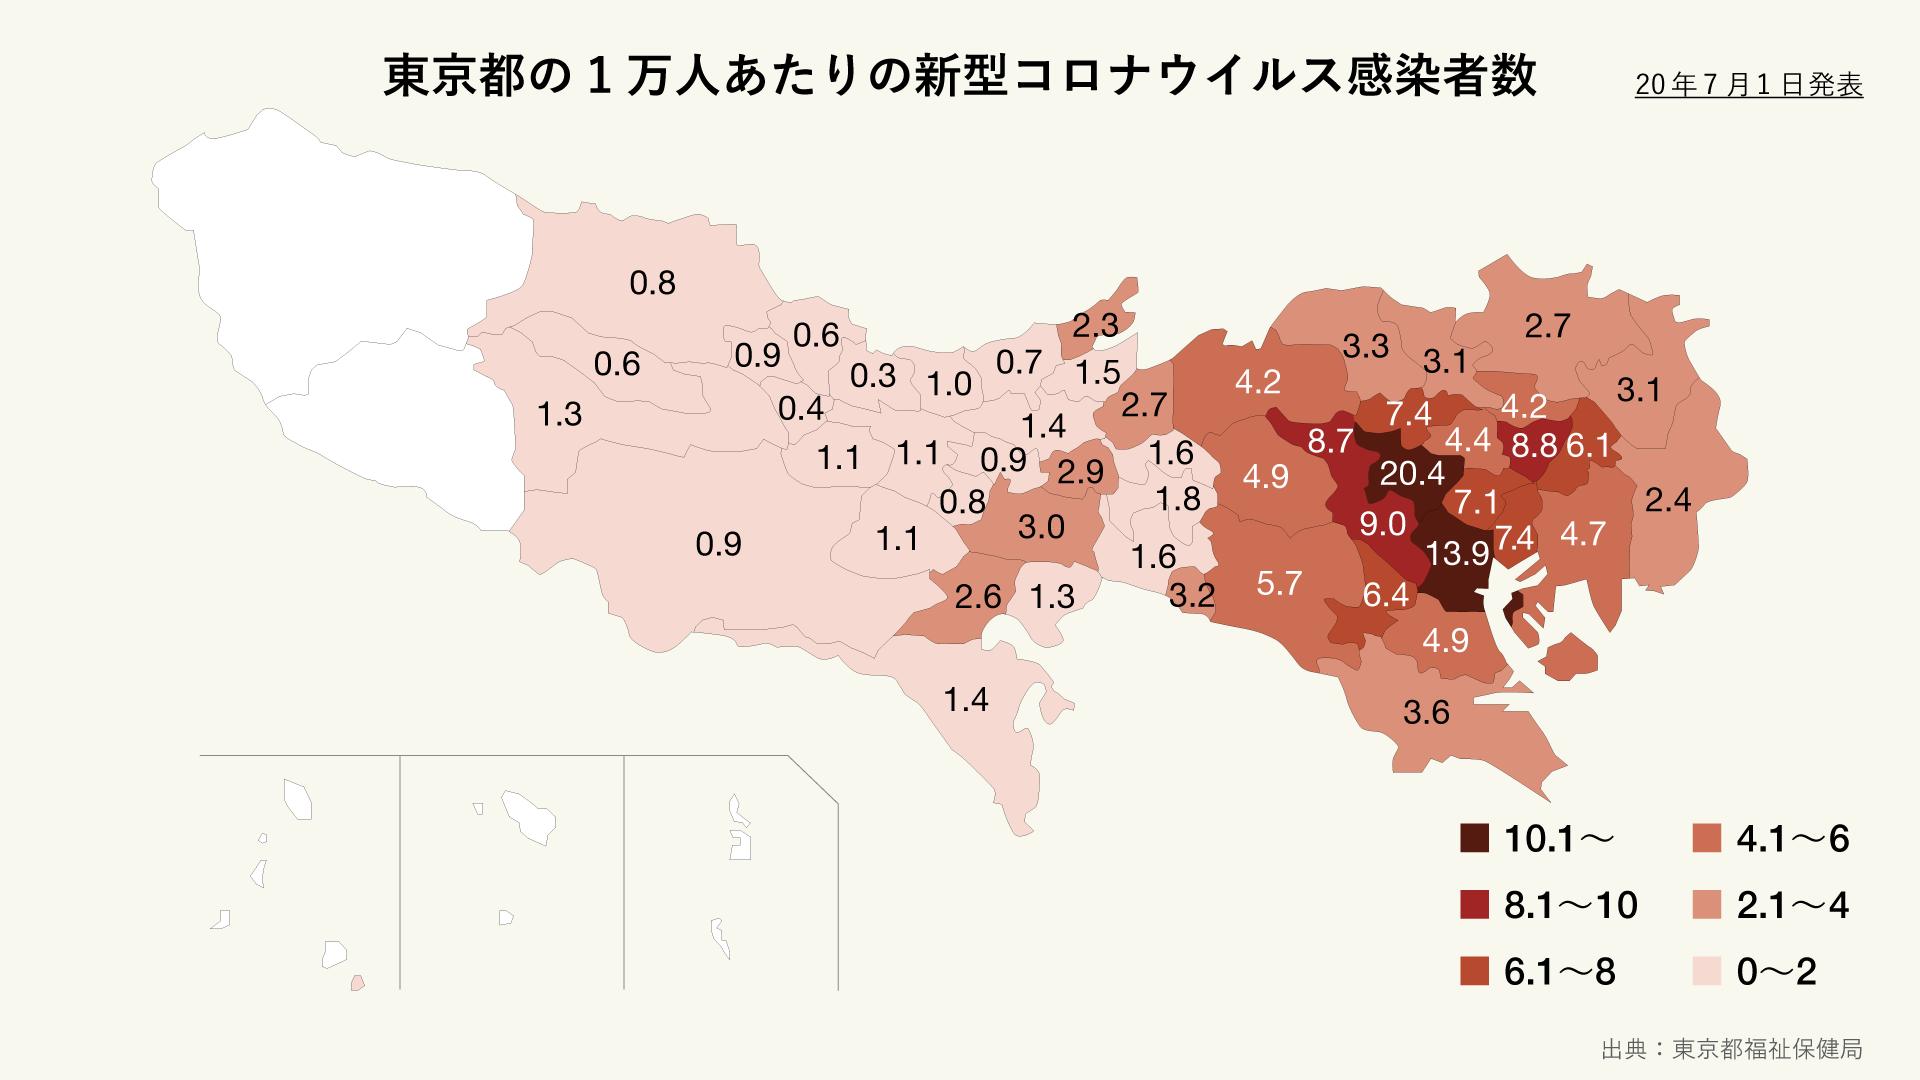 東京都の1万人あたりの新型コロナウイルス感染者数